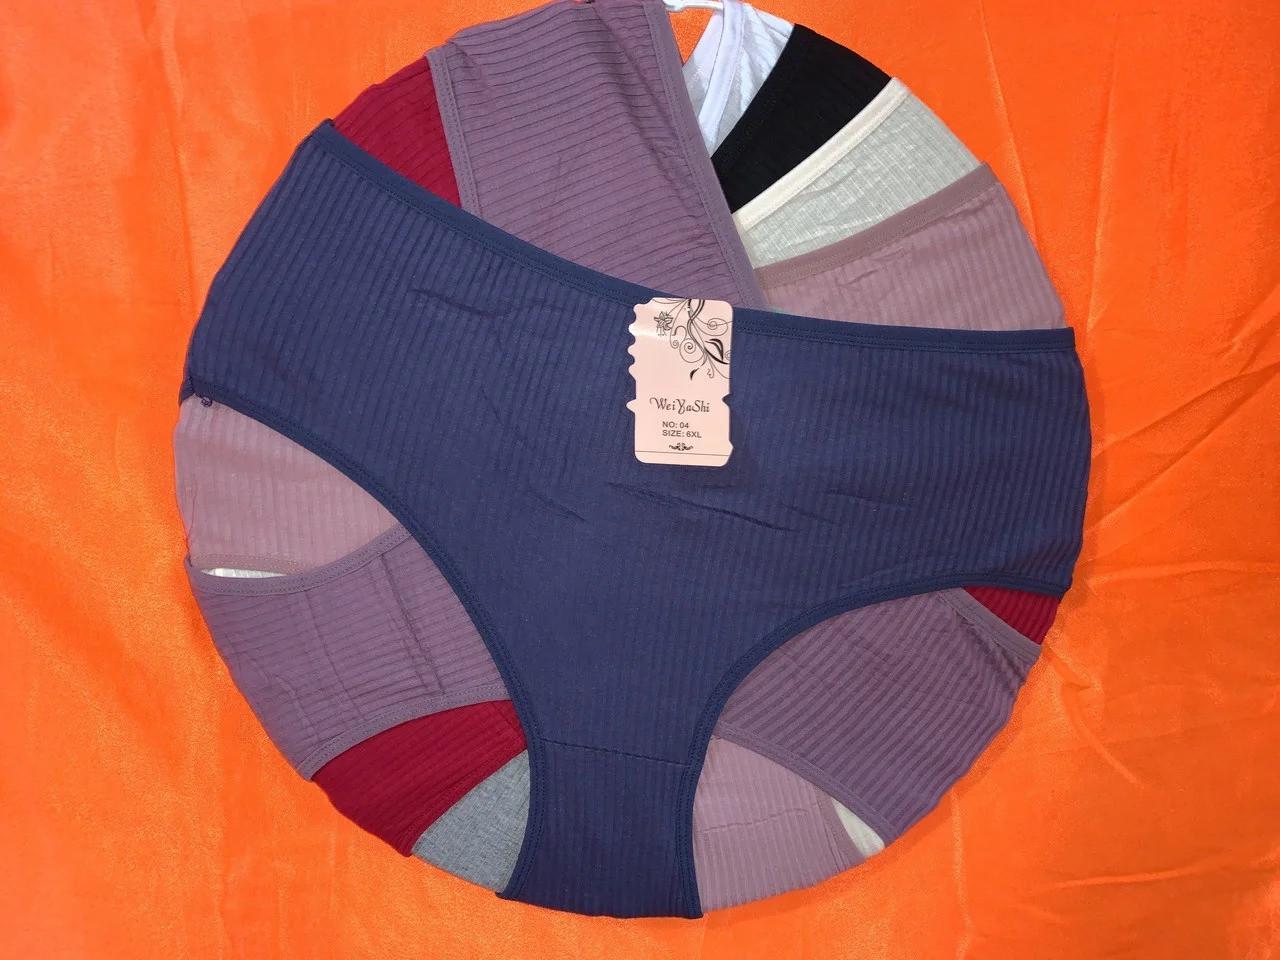 Женские трусики батал Р.р 52-56 один цвет в упаковке